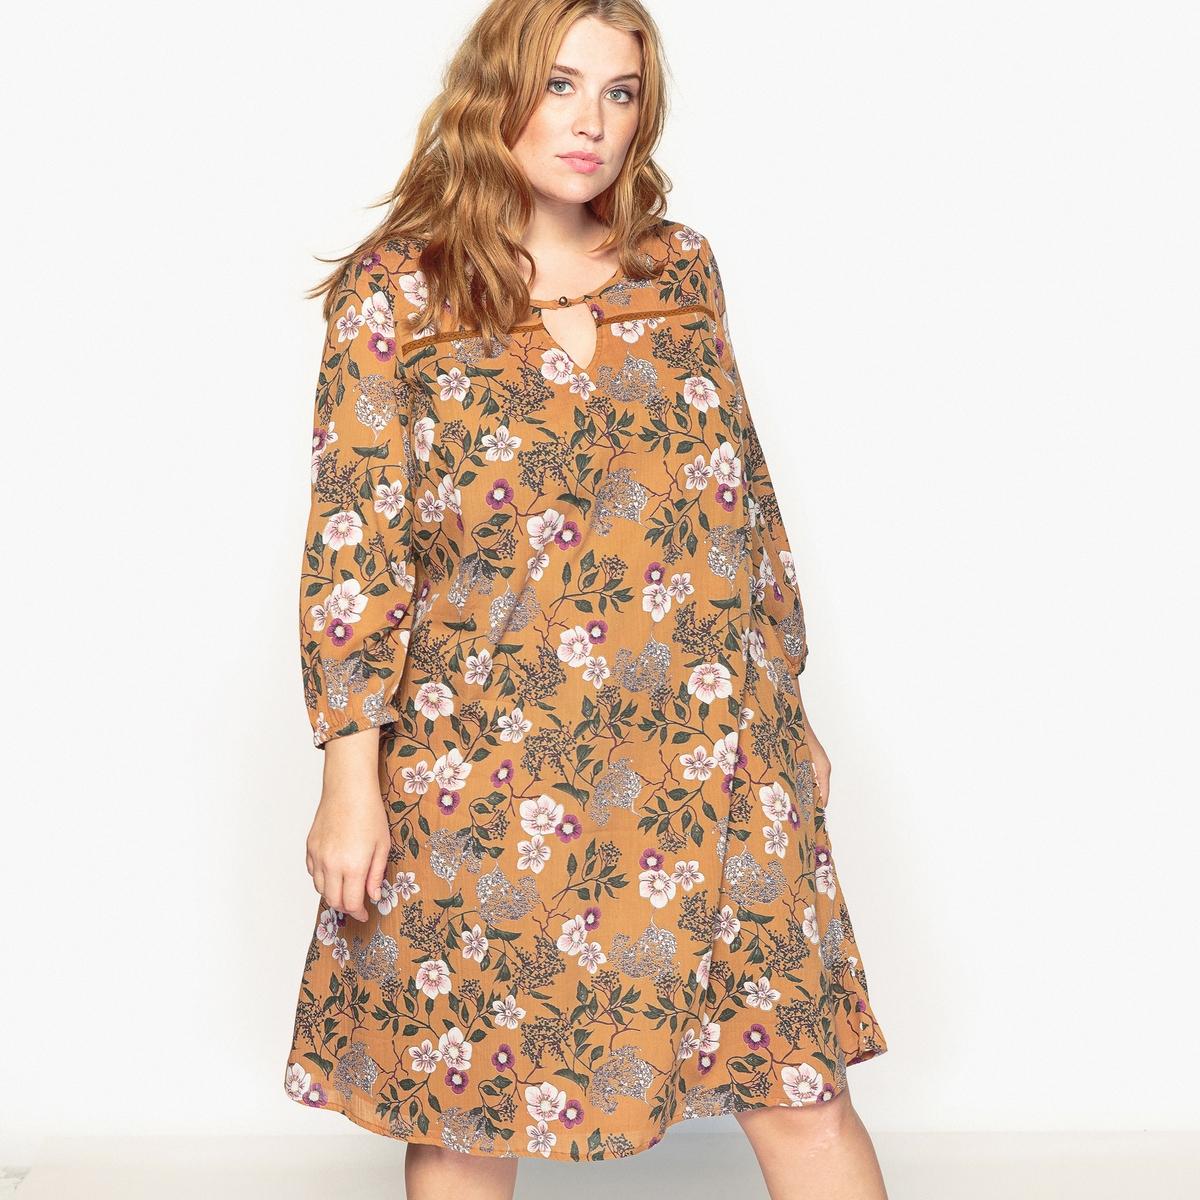 Платье прямое с цветочным рисунком и длинными рукавамиОписание:Модное платье с цветочным рисунком в богемном стиле. Очень женственное платье с цветочным рисунком будет незаменимо в этом году.Детали •  Форма : прямая •  Длинное •  Длинные рукава    •  Круглый вырез •  Цветочный рисунокСостав и уход •  100% хлопок •  Подкладка : 100% полиэстер •  Температура стирки 30° •  Сухая чистка и отбеливание запрещены •  Не использовать барабанную сушку •  Низкая температура глажкиТовар из коллекции больших размеров<br><br>Цвет: цветочный рисунок<br>Размер: 44 (FR) - 50 (RUS)